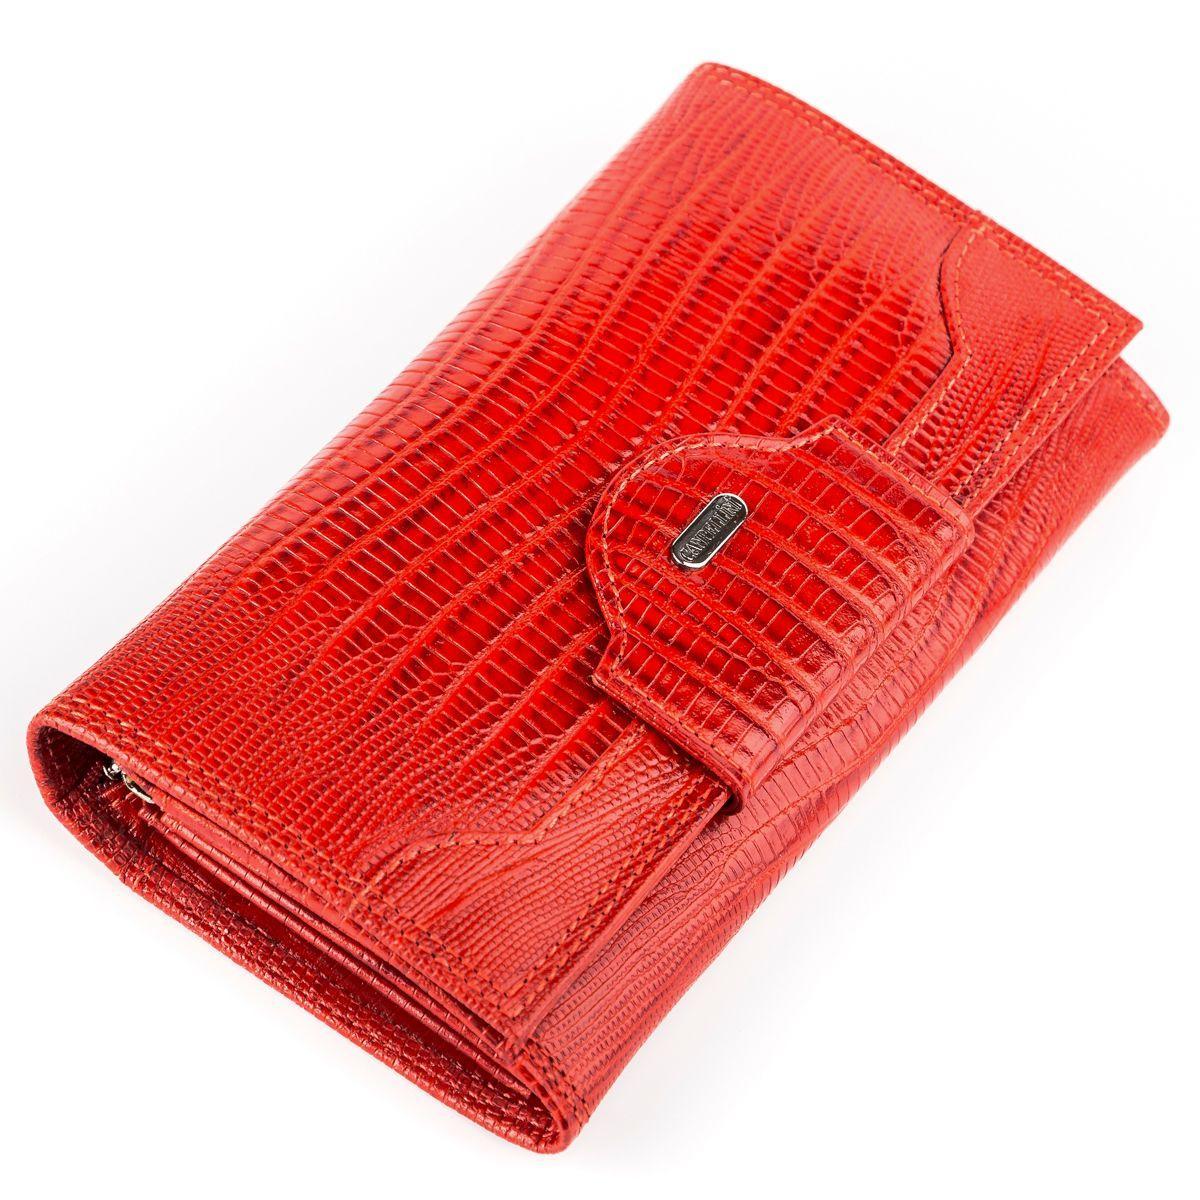 Кошелек женский CANPELLINI 17045 кожаный Красный, Красный